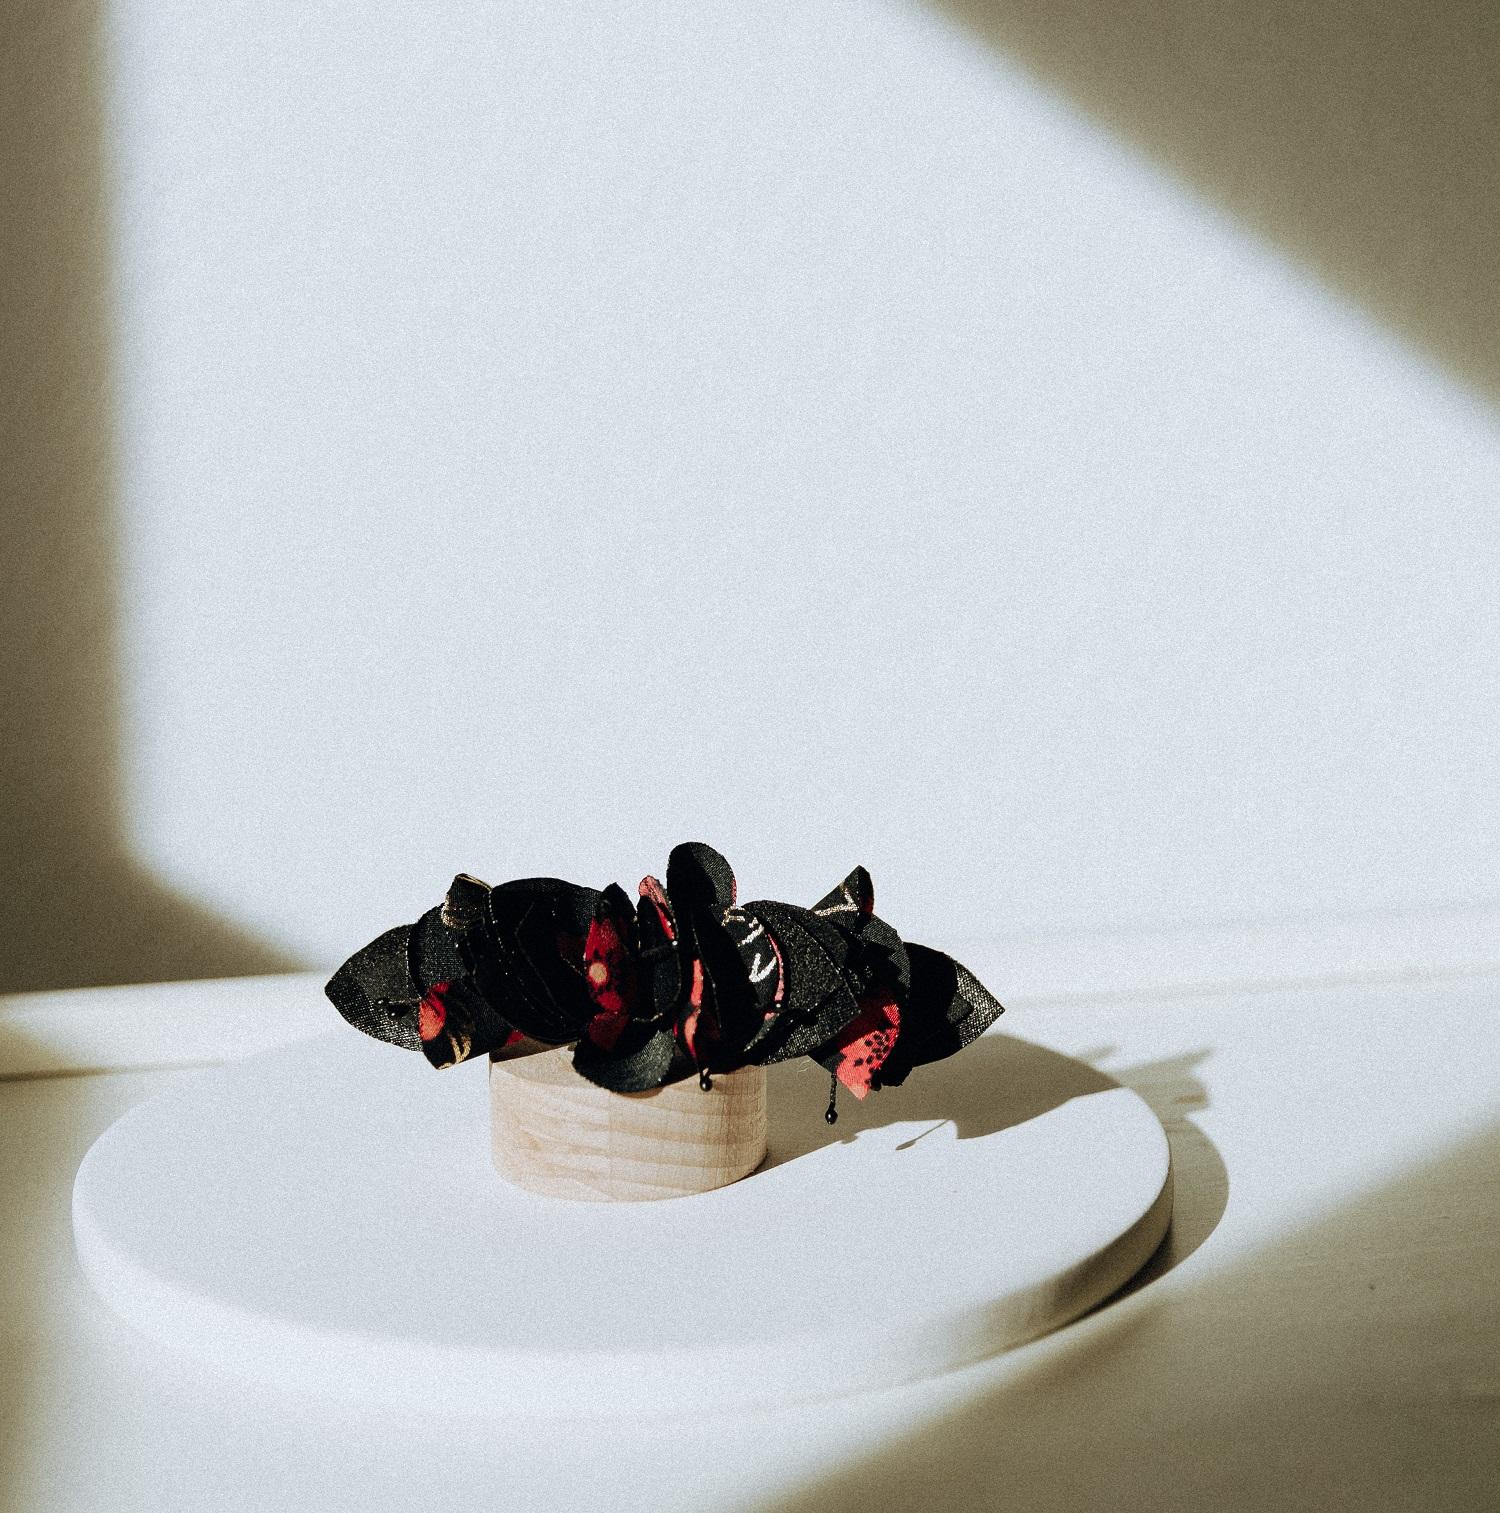 Barrette Solène version pétales et petites feuilles en tissu Alice Marty Couture florale Créatrice mariage Albi Toulouse